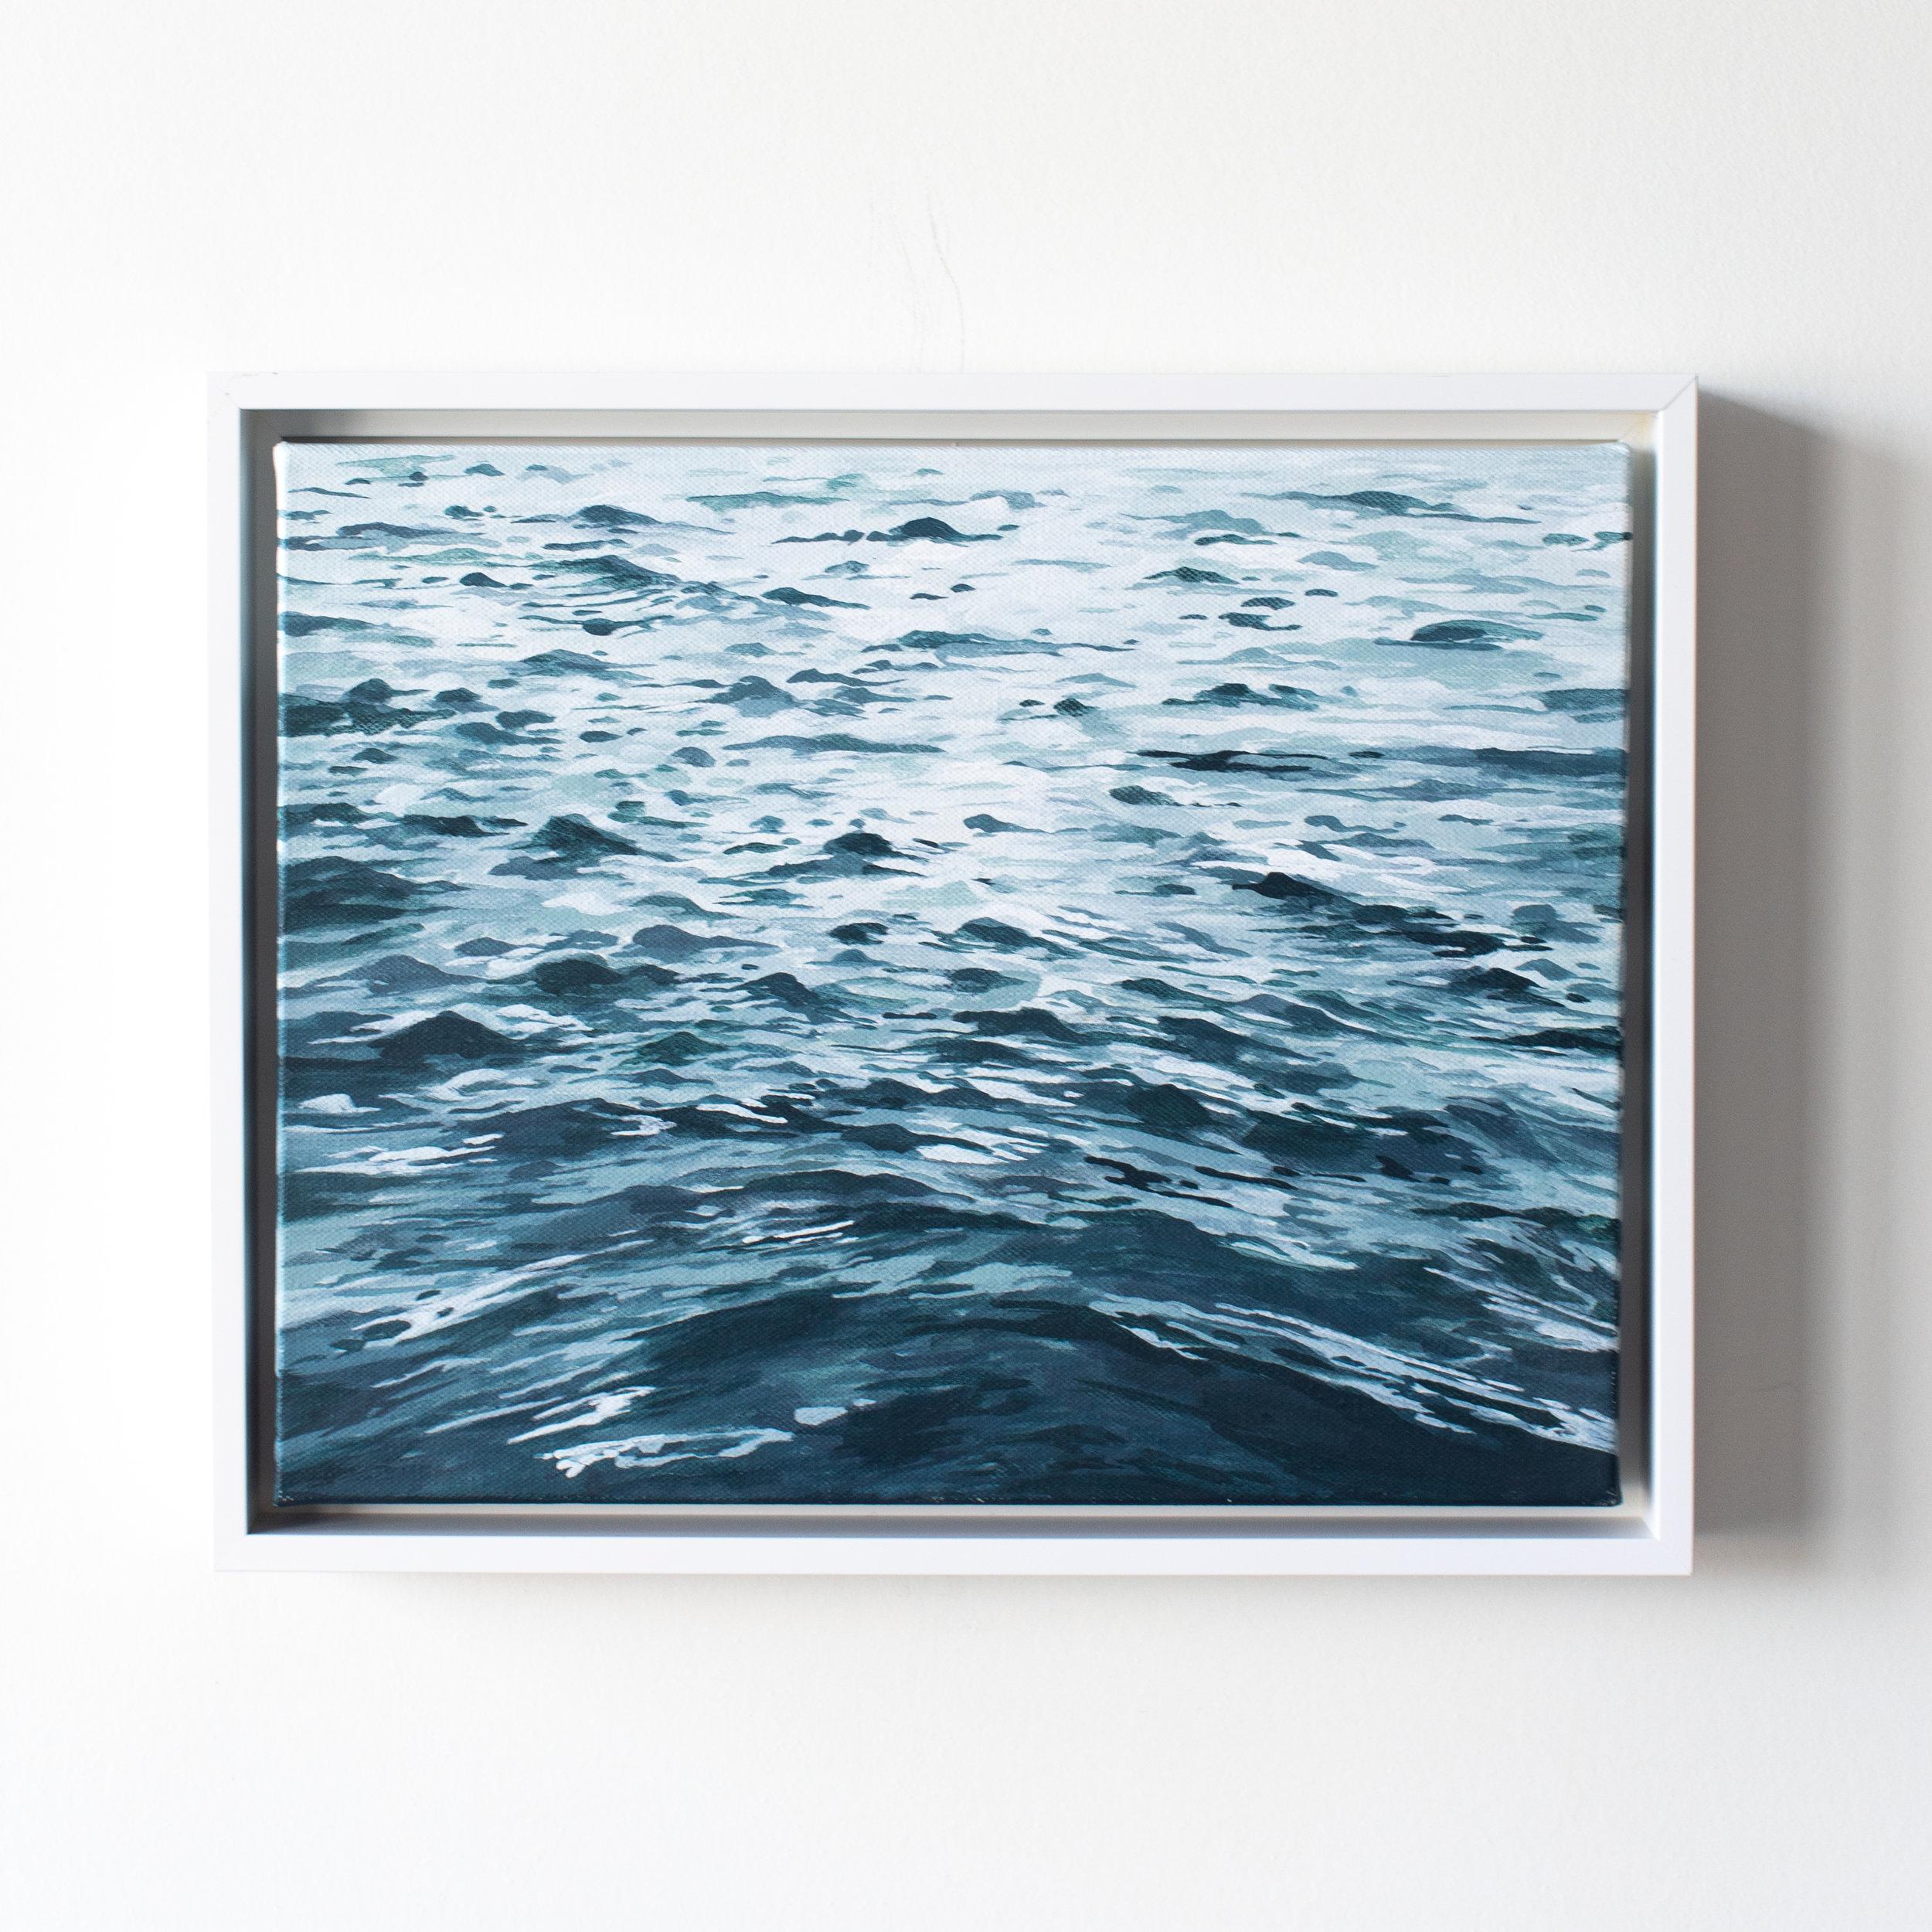 framed-17.jpg